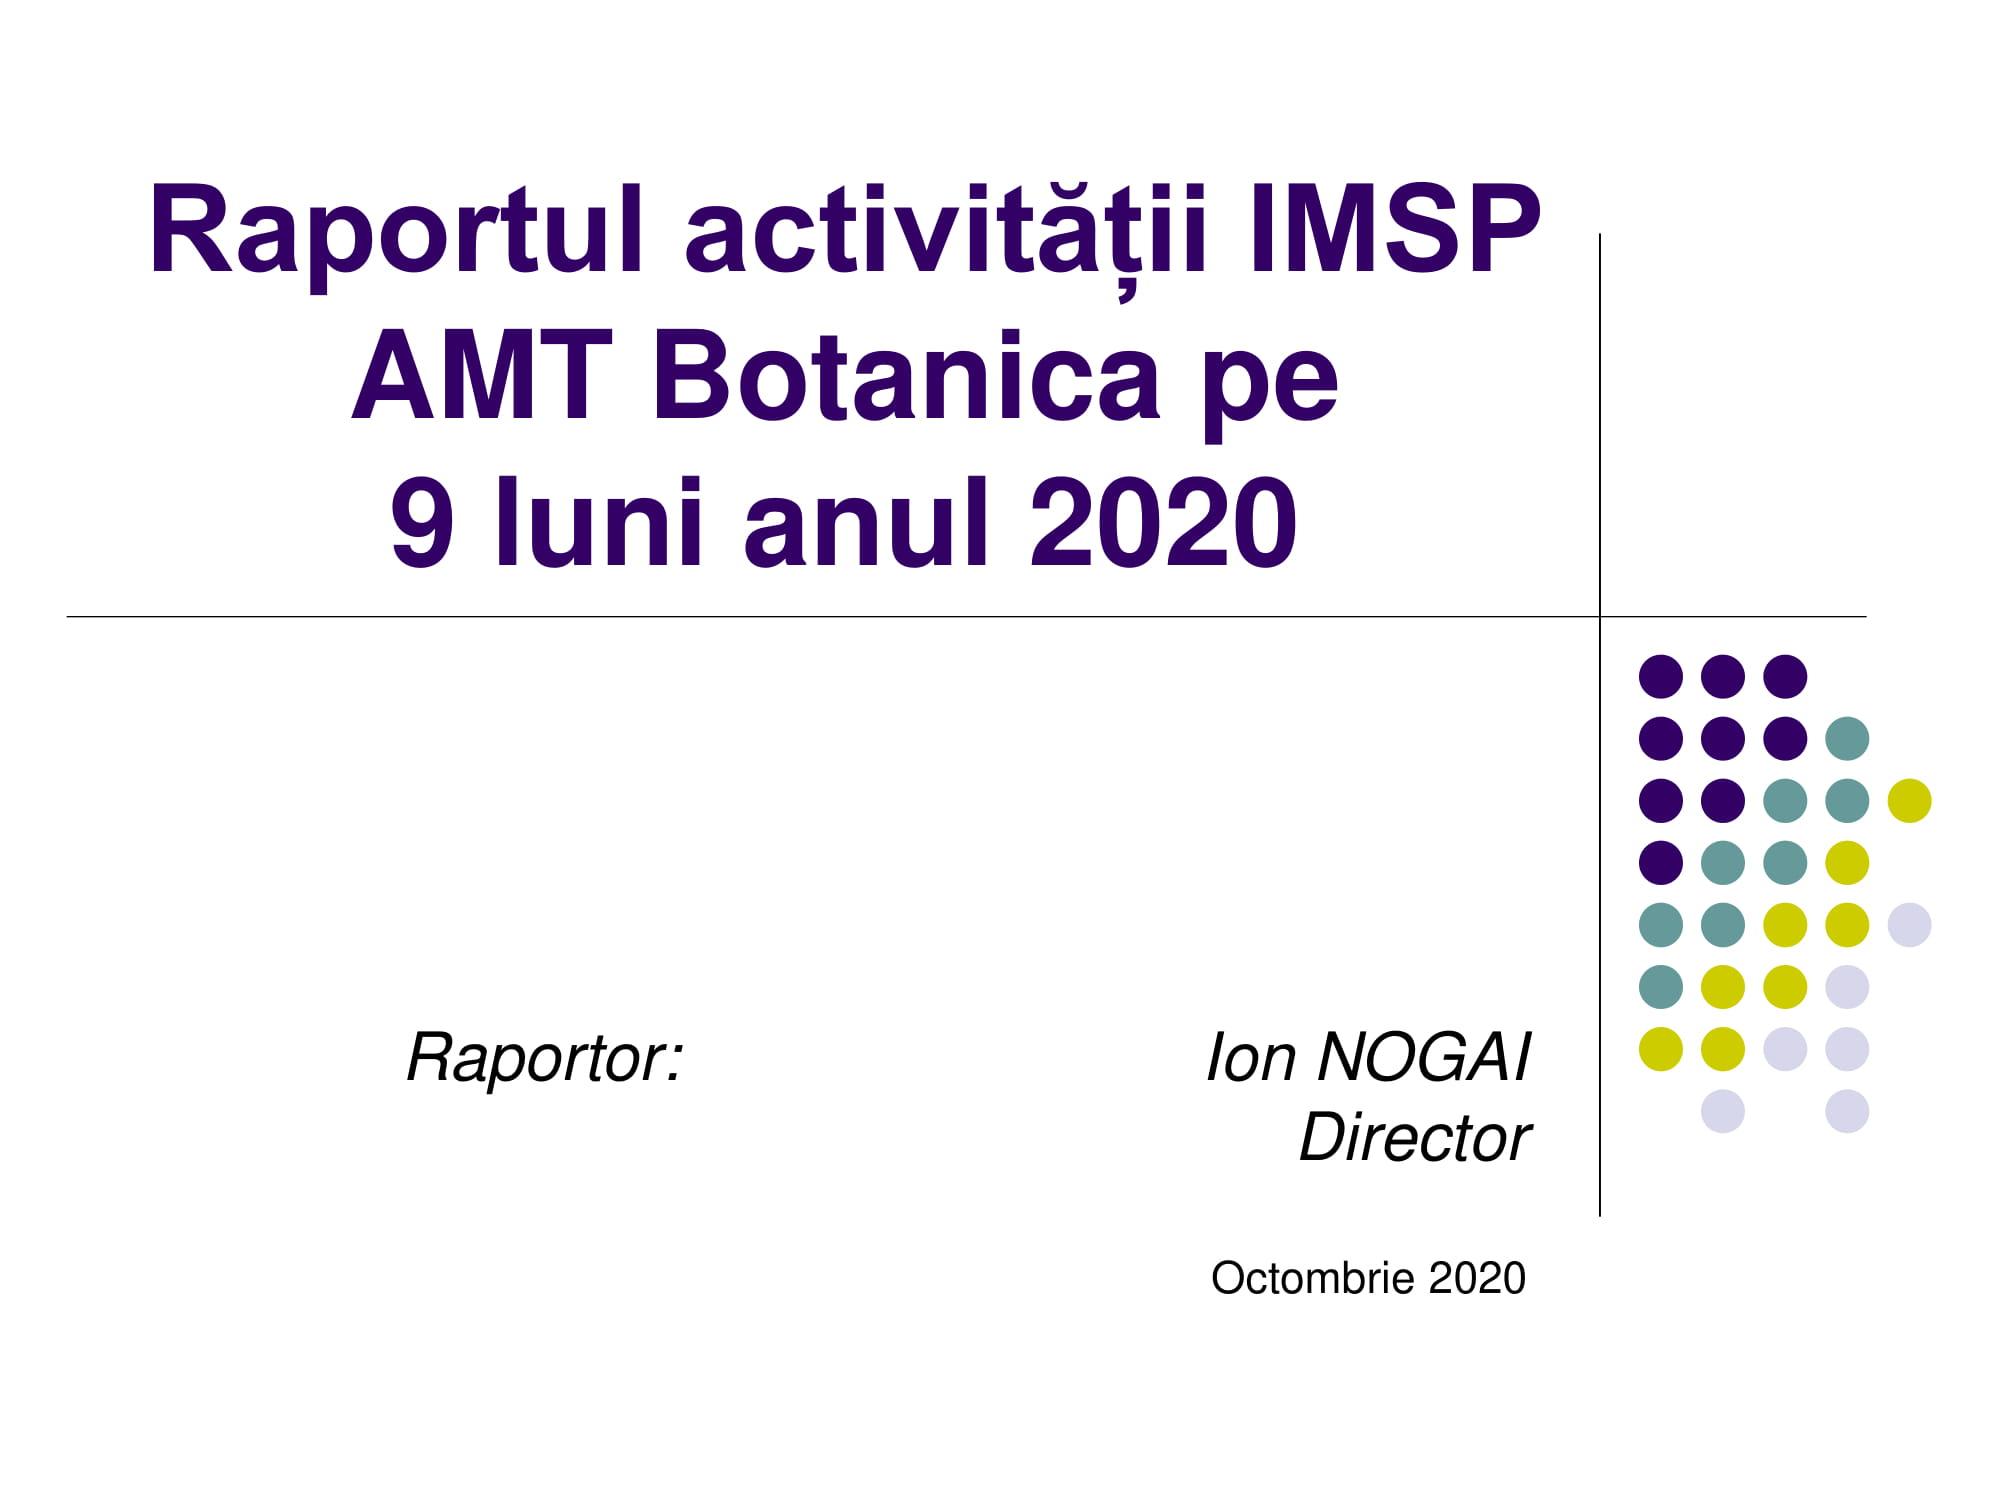 Raportul activității pentru 9 luni, anul 2020